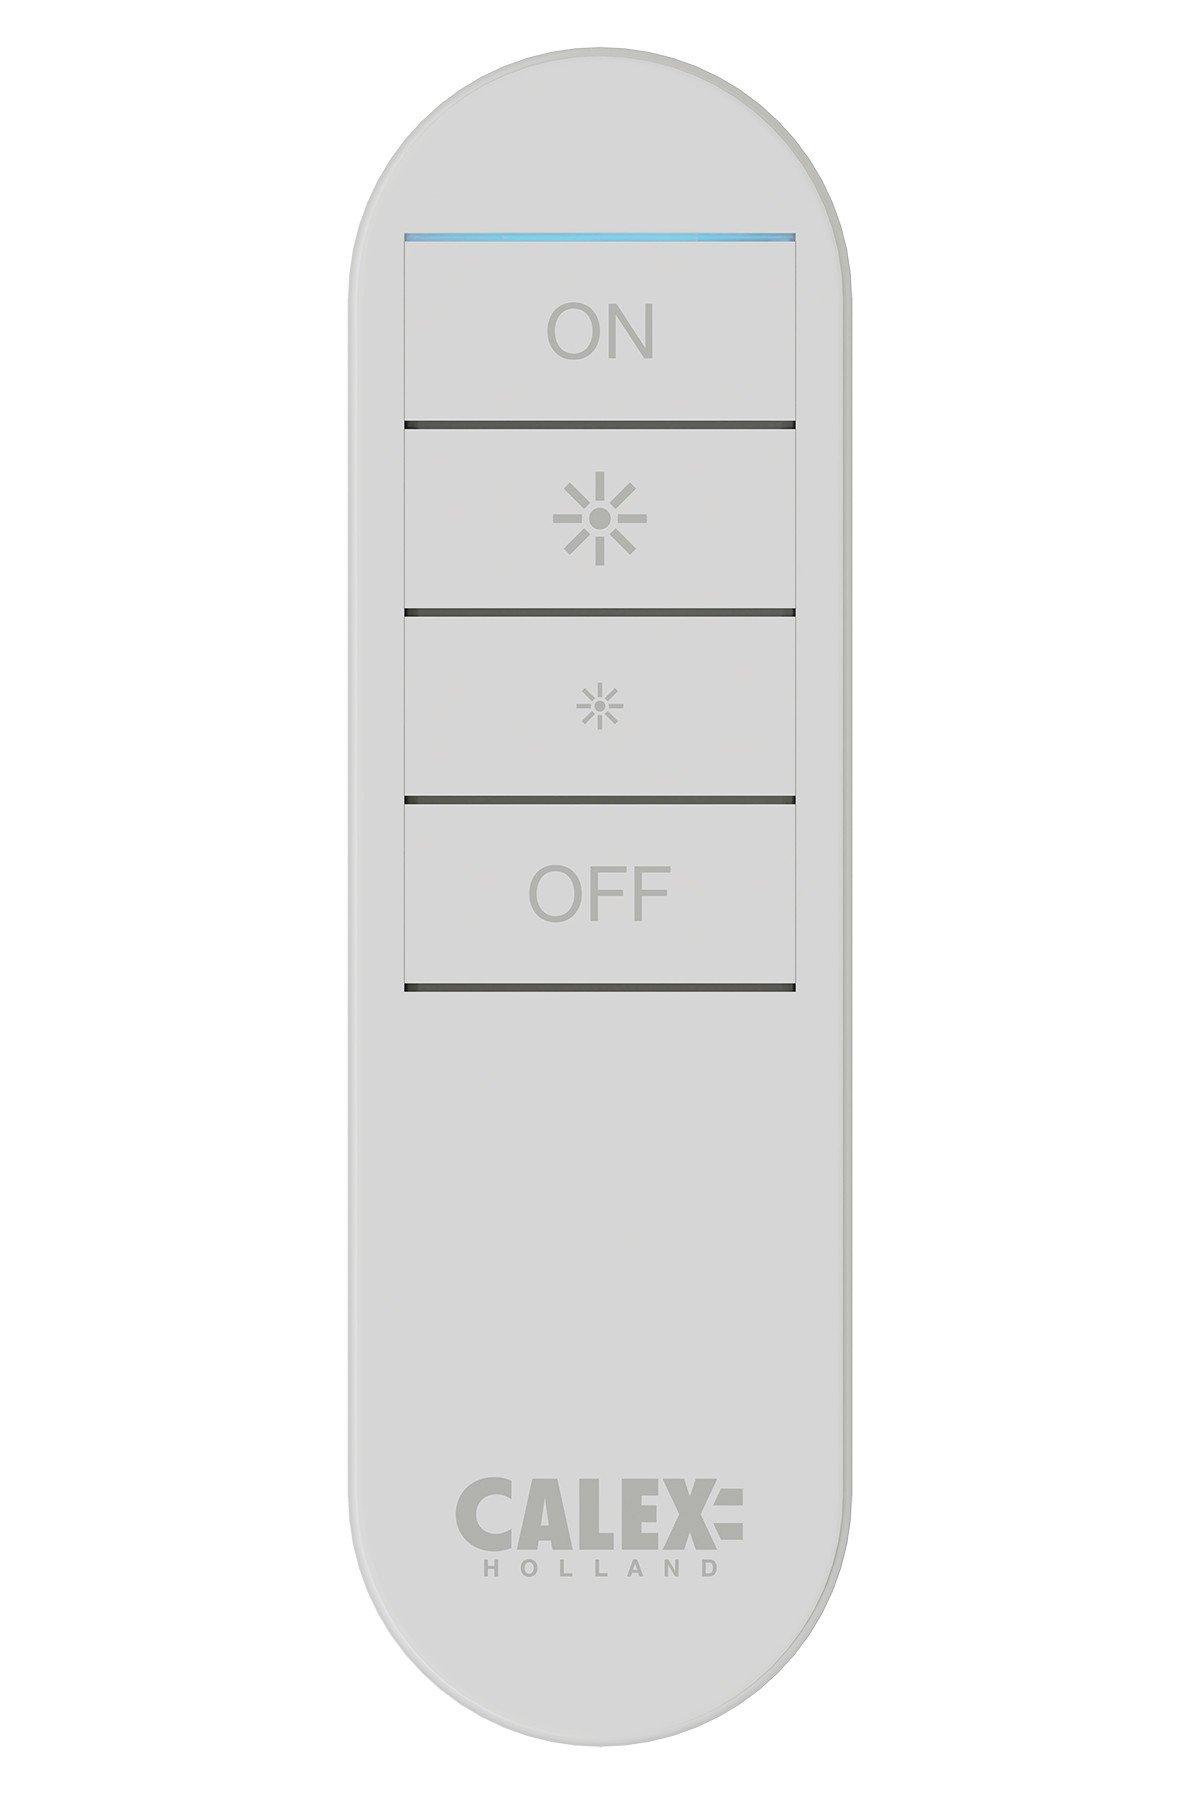 Outlight Smart Home Remote Control Ec. 429204